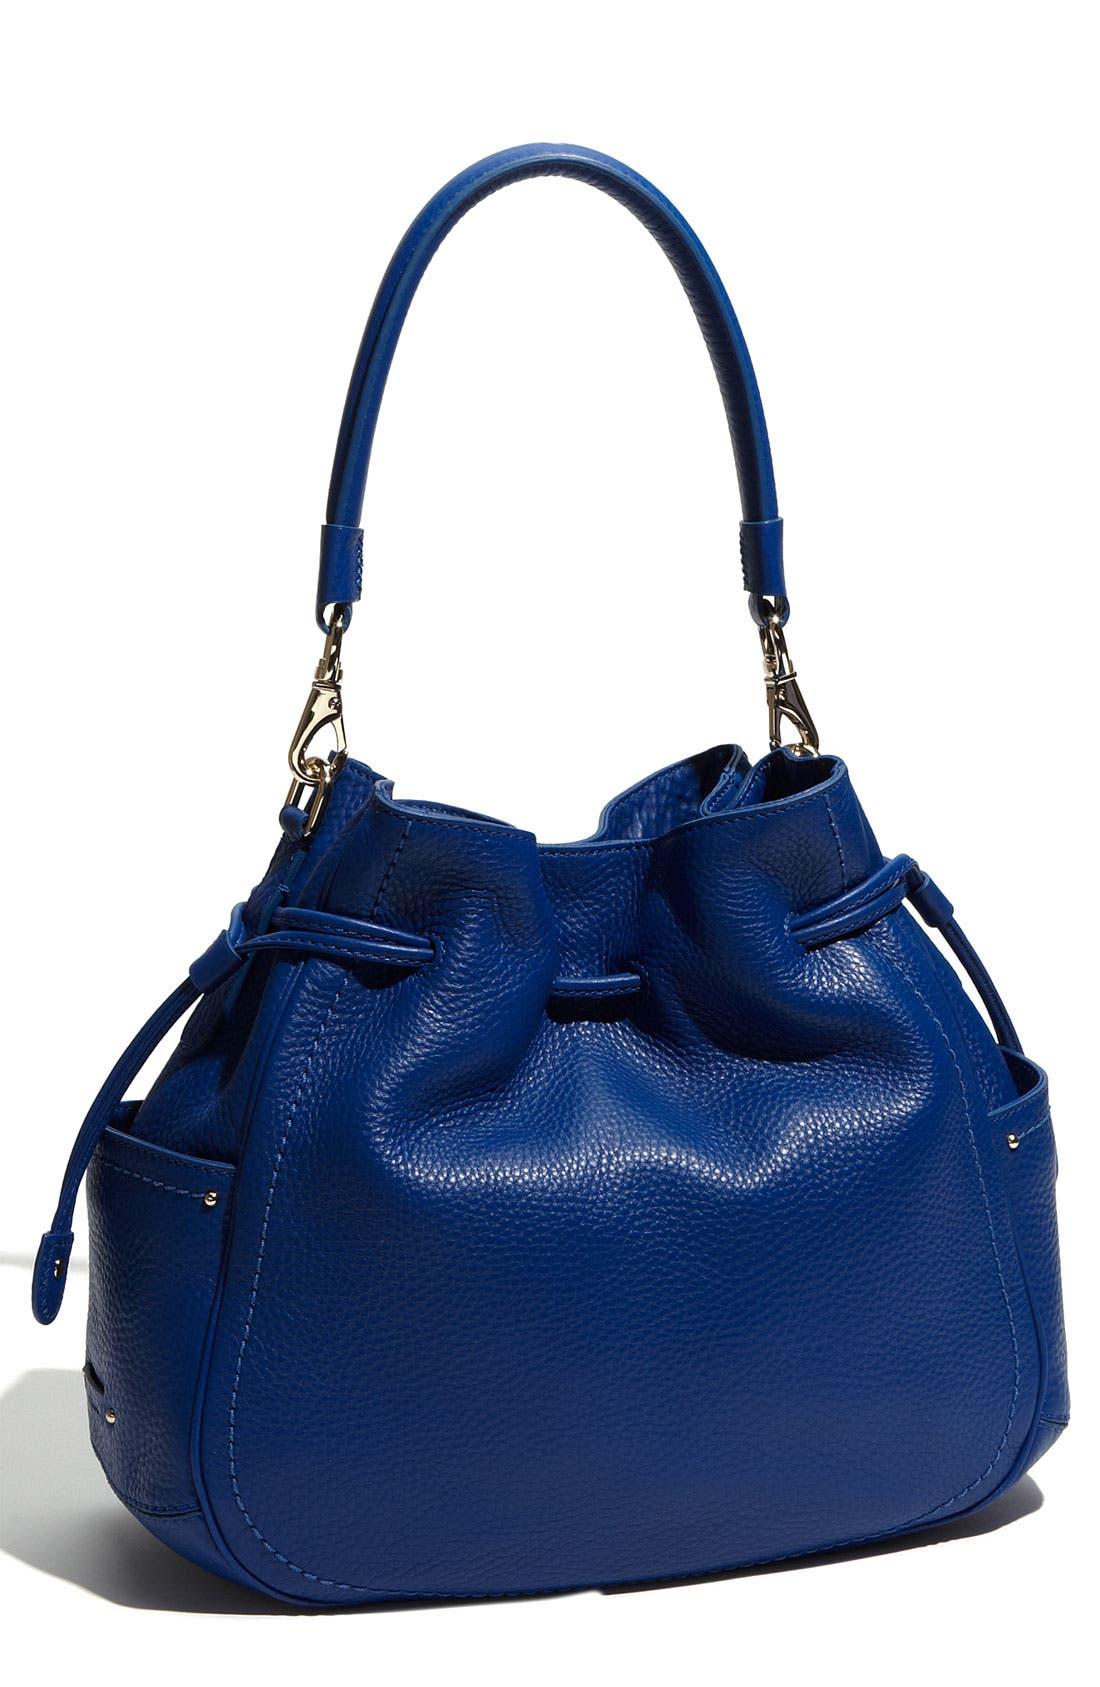 Alternate Image 1 Selected - Cole Haan 'Village Denney' Drawstring Shoulder Bag